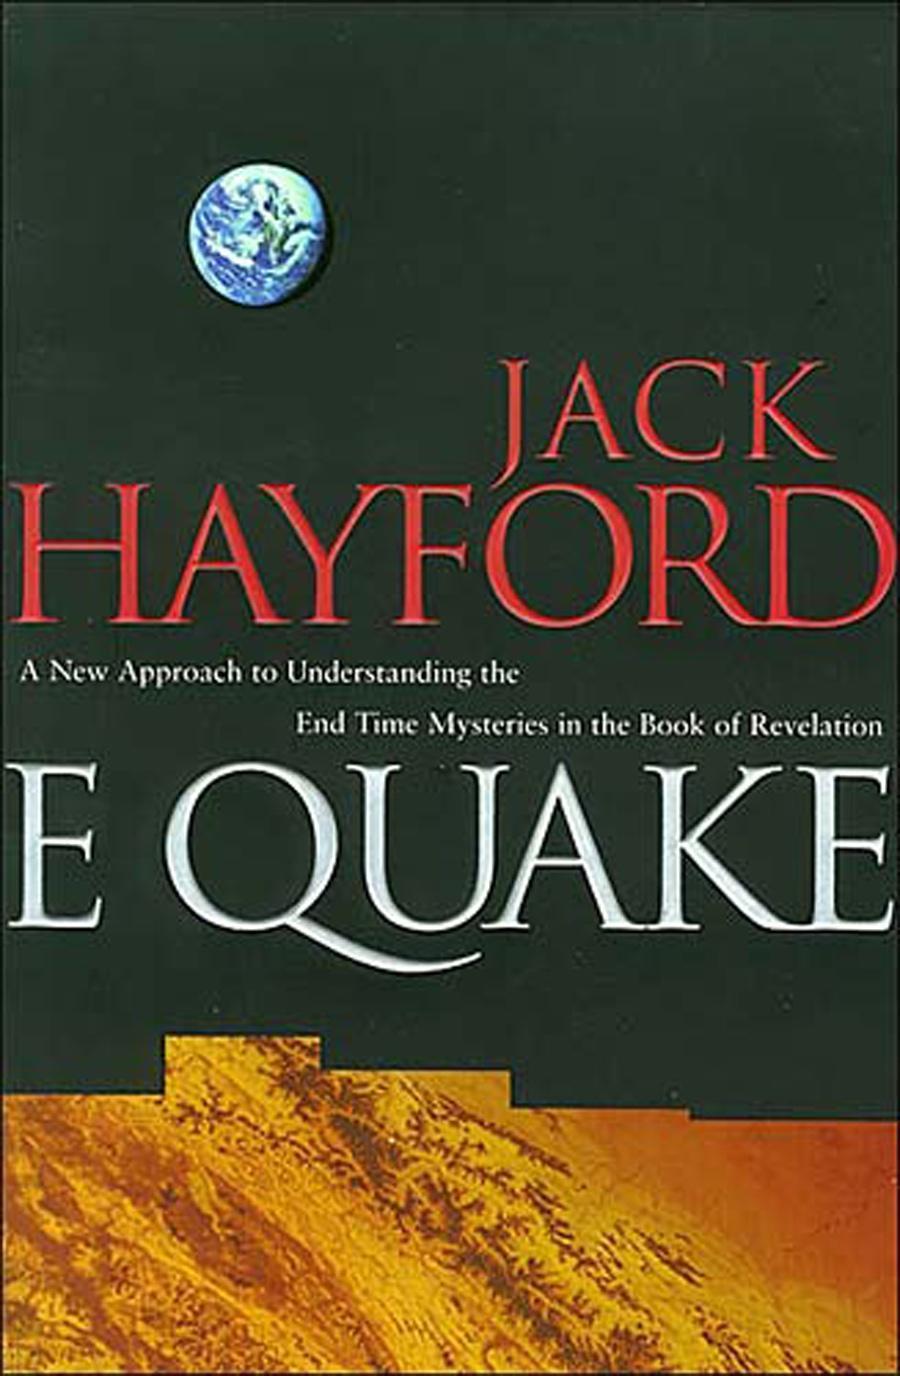 E-Quake